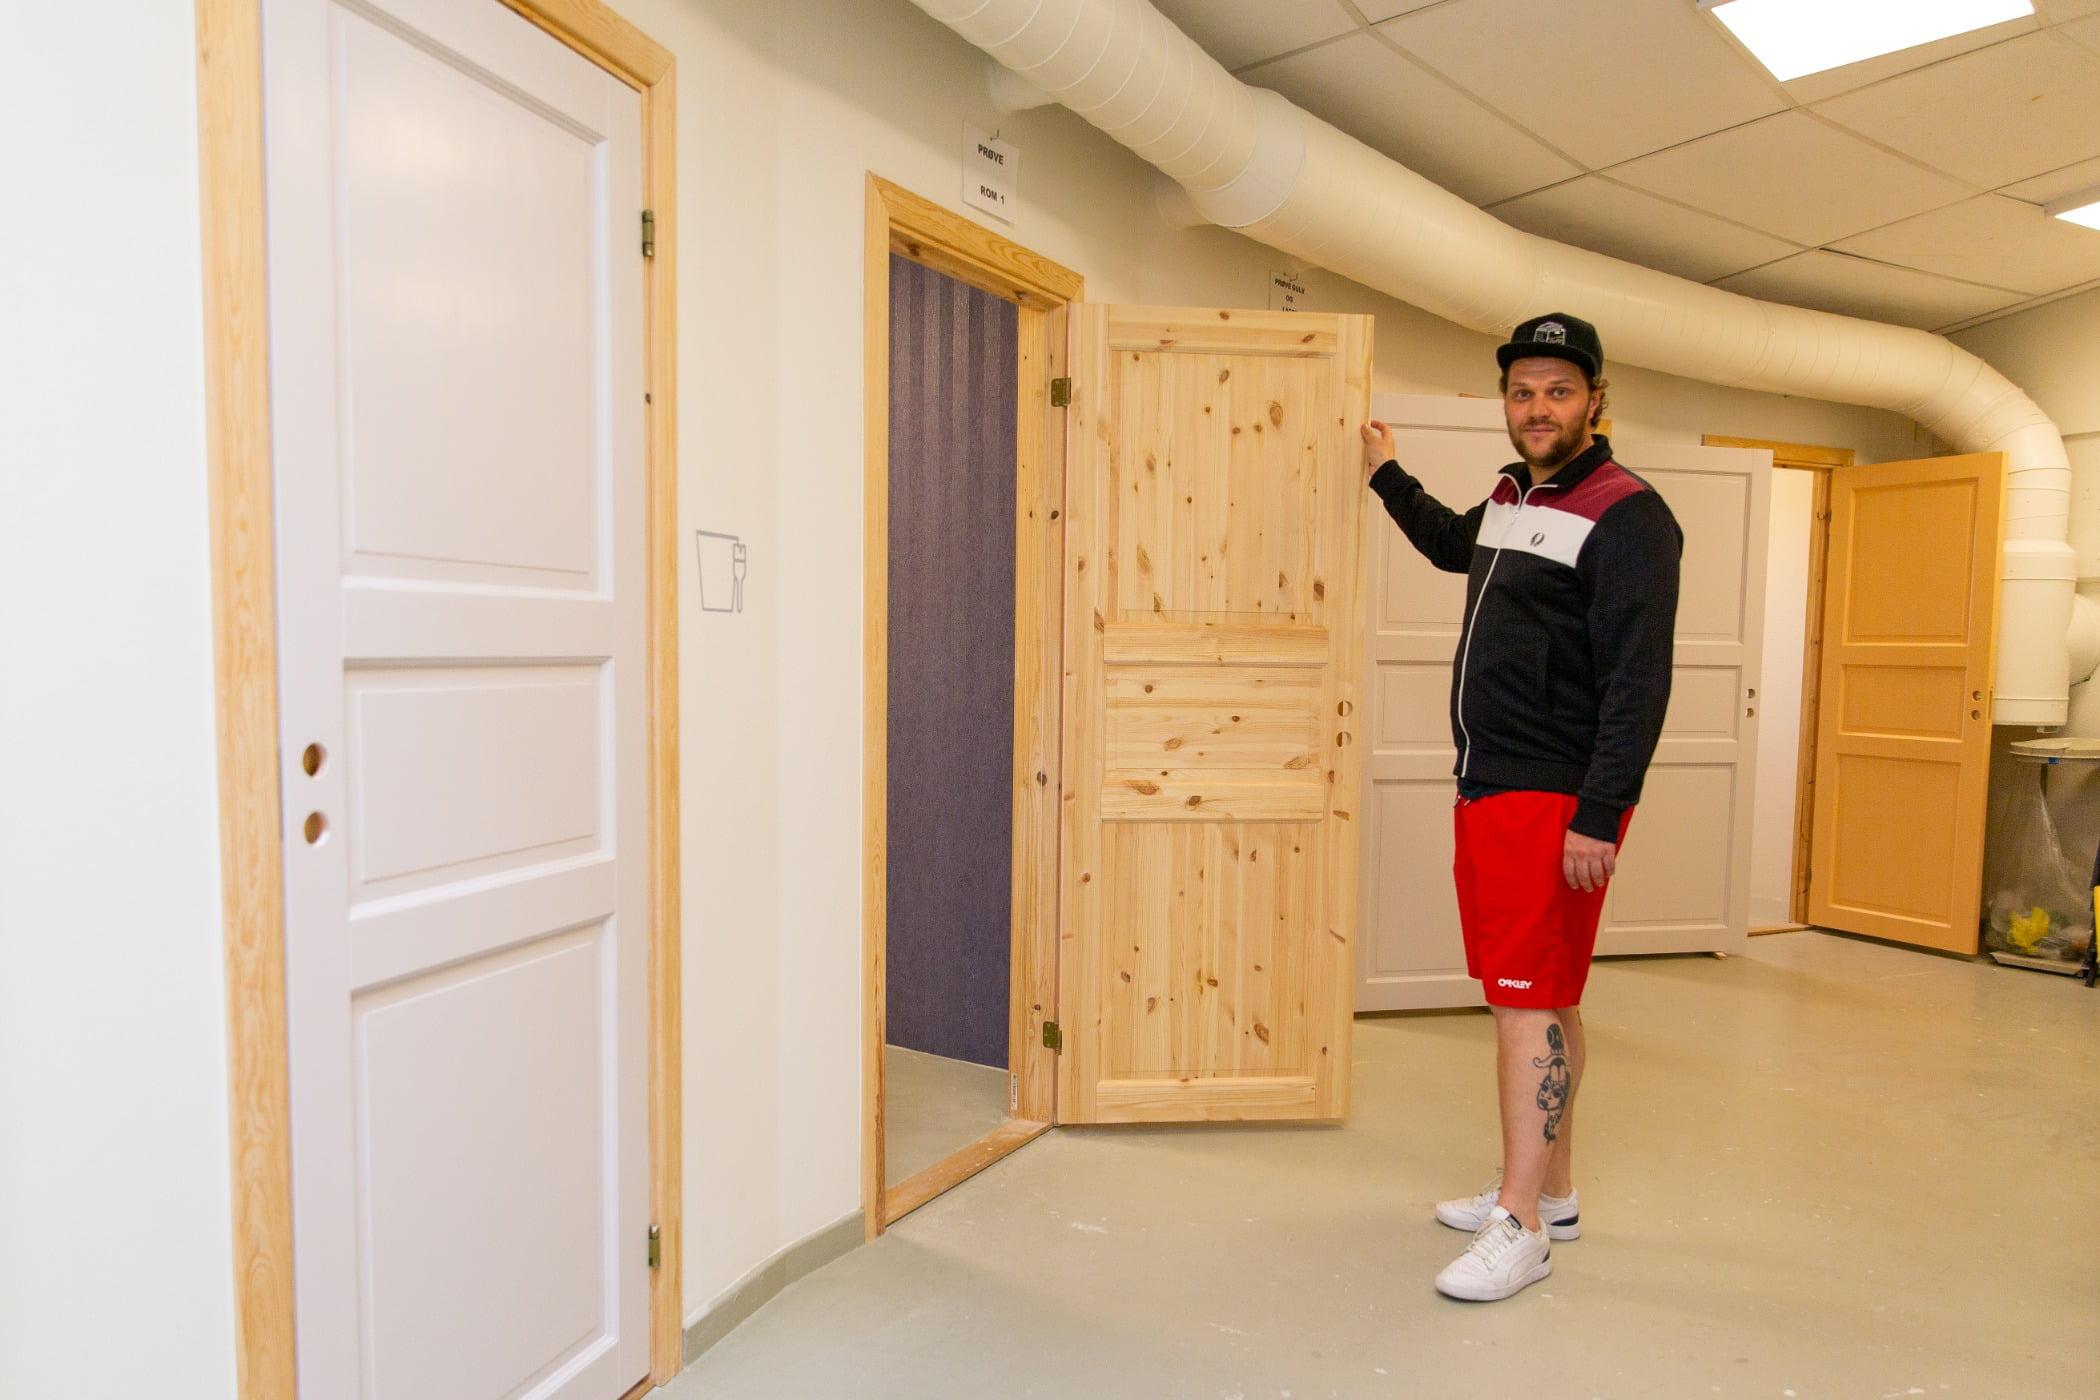 Interior design, Dead bolt, Shorts, Property, Door, Fixture, Wood, Standing, Floor, Flooring